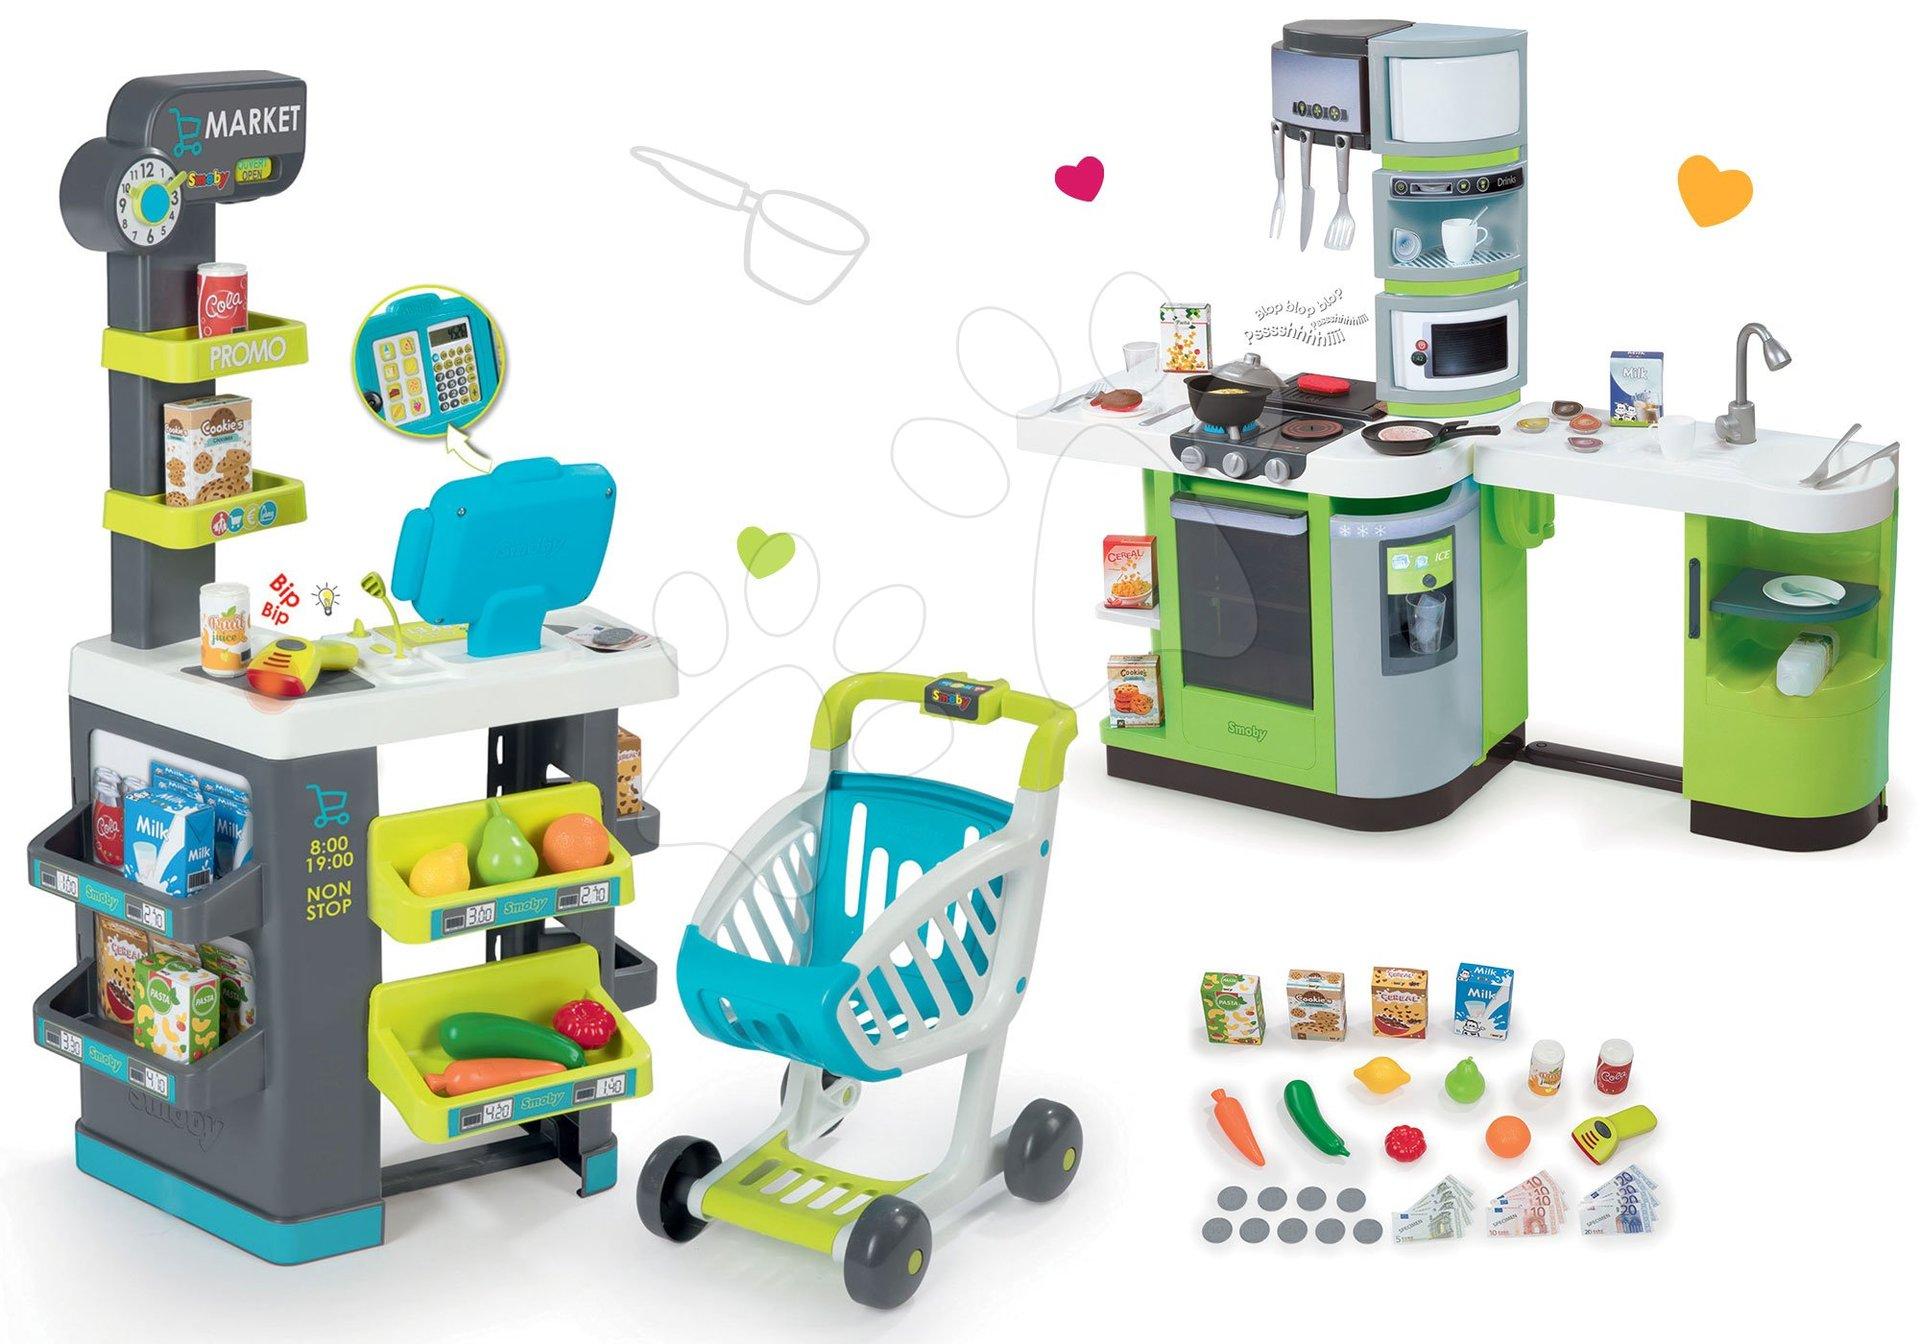 Set obchod Supermarket Smoby s elektronickou pokladnou a kuchyňka Cook Master s ledem